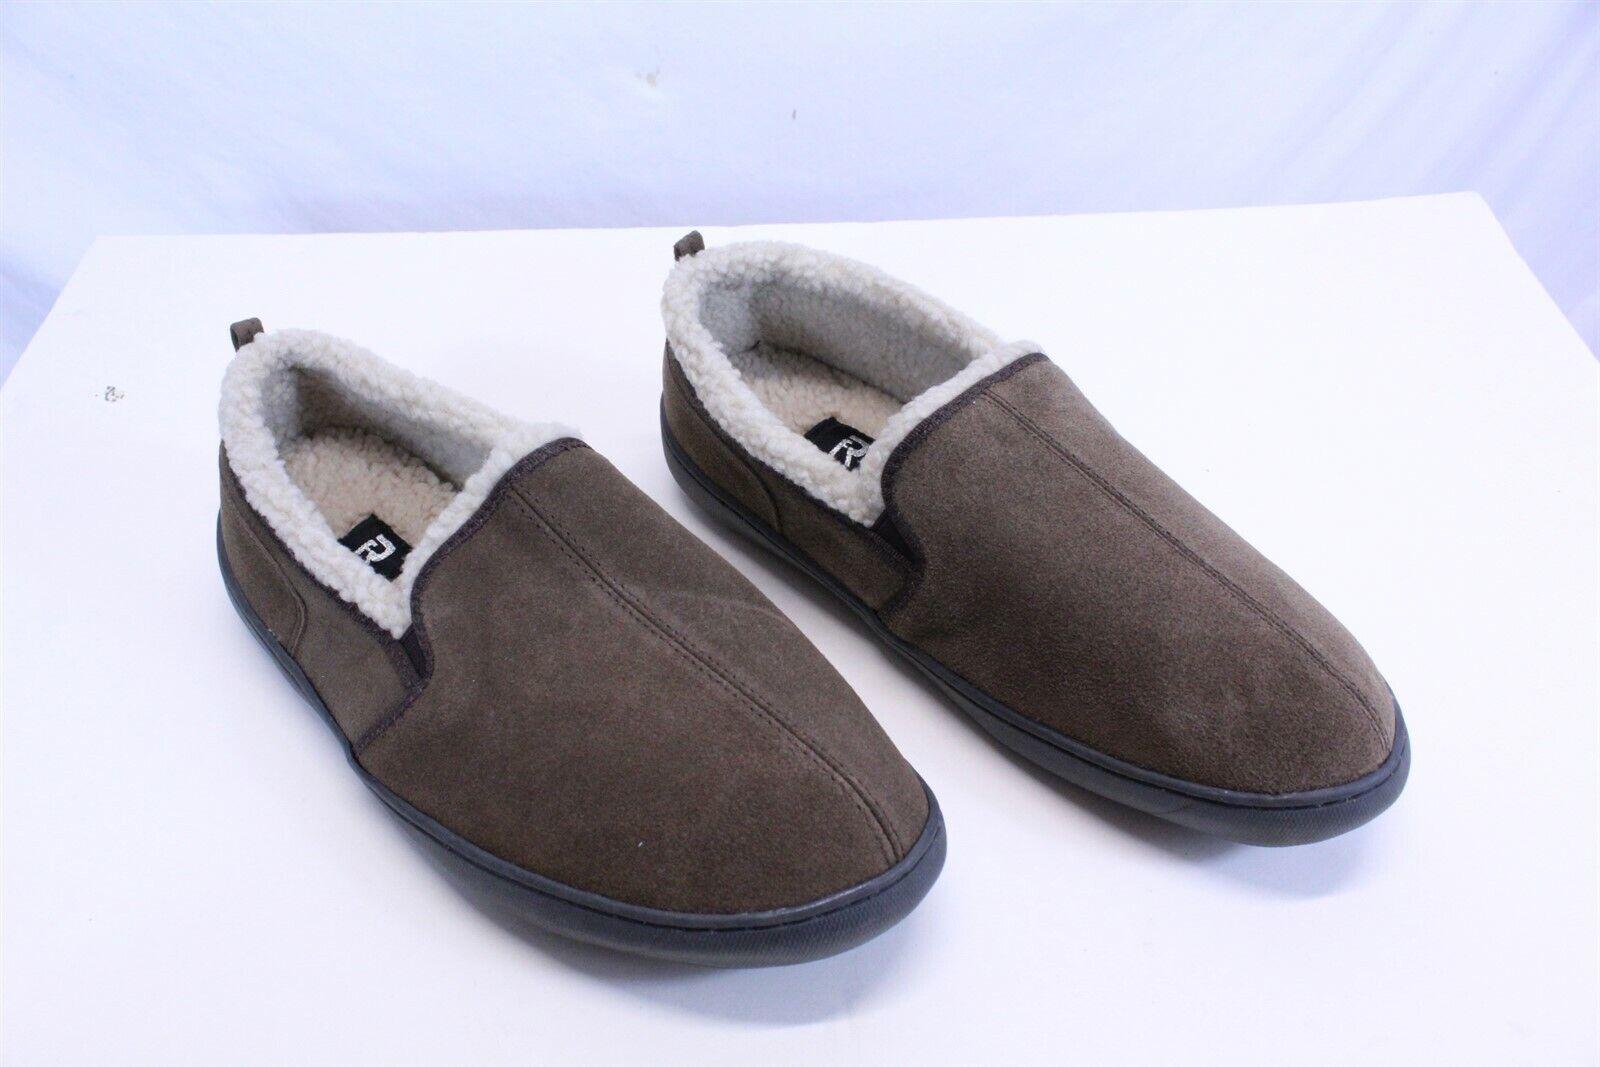 Men's Suede Fleece Lined Moccasin Slippers Indoor / Outdoor